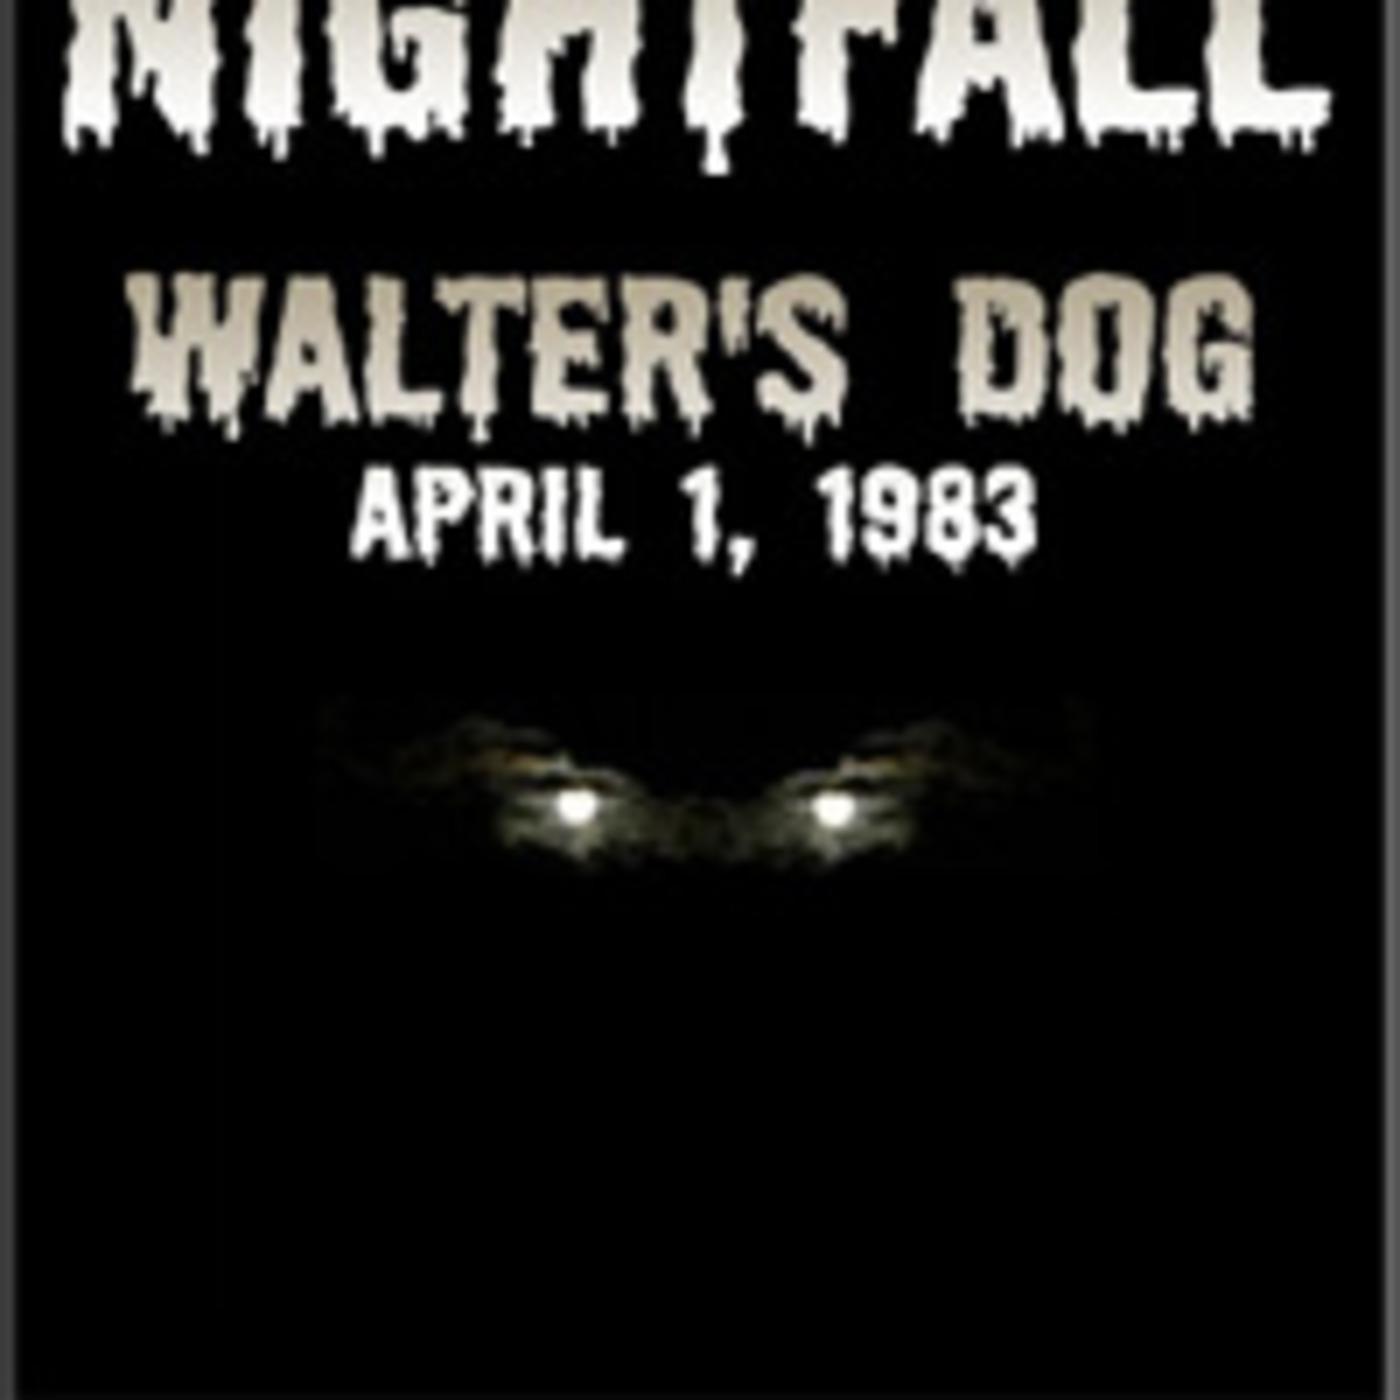 Nightfall - Walter's Dog (04-01-83)